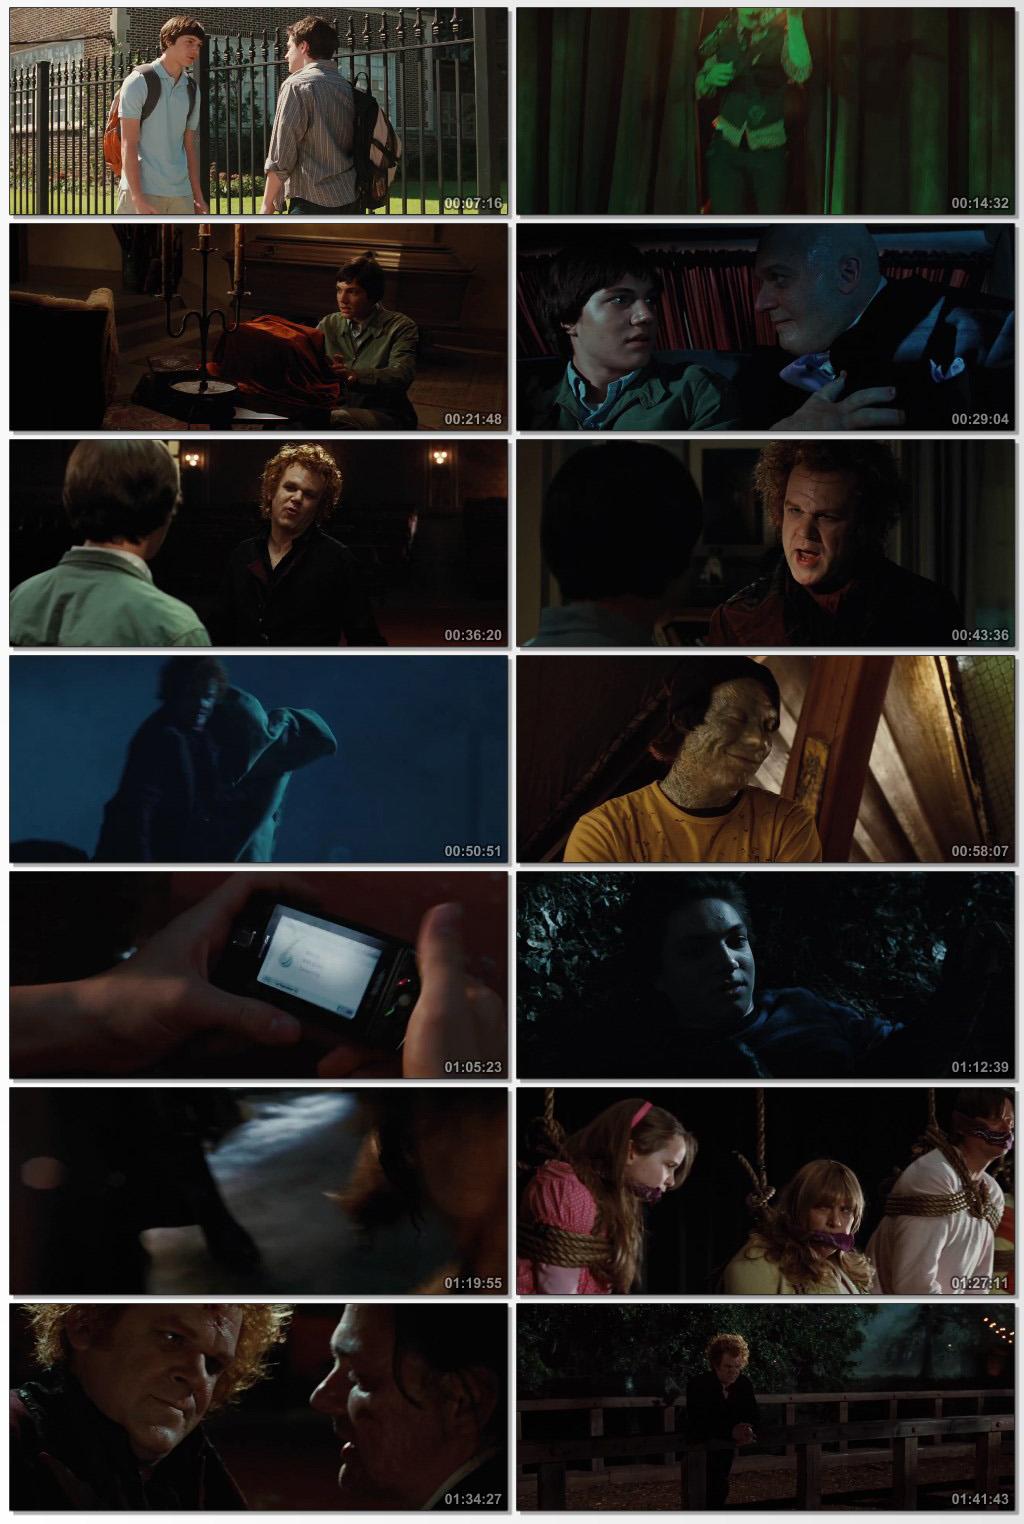 Cirque du Freak: The Vampire's Assistant 2009 Dual Audio